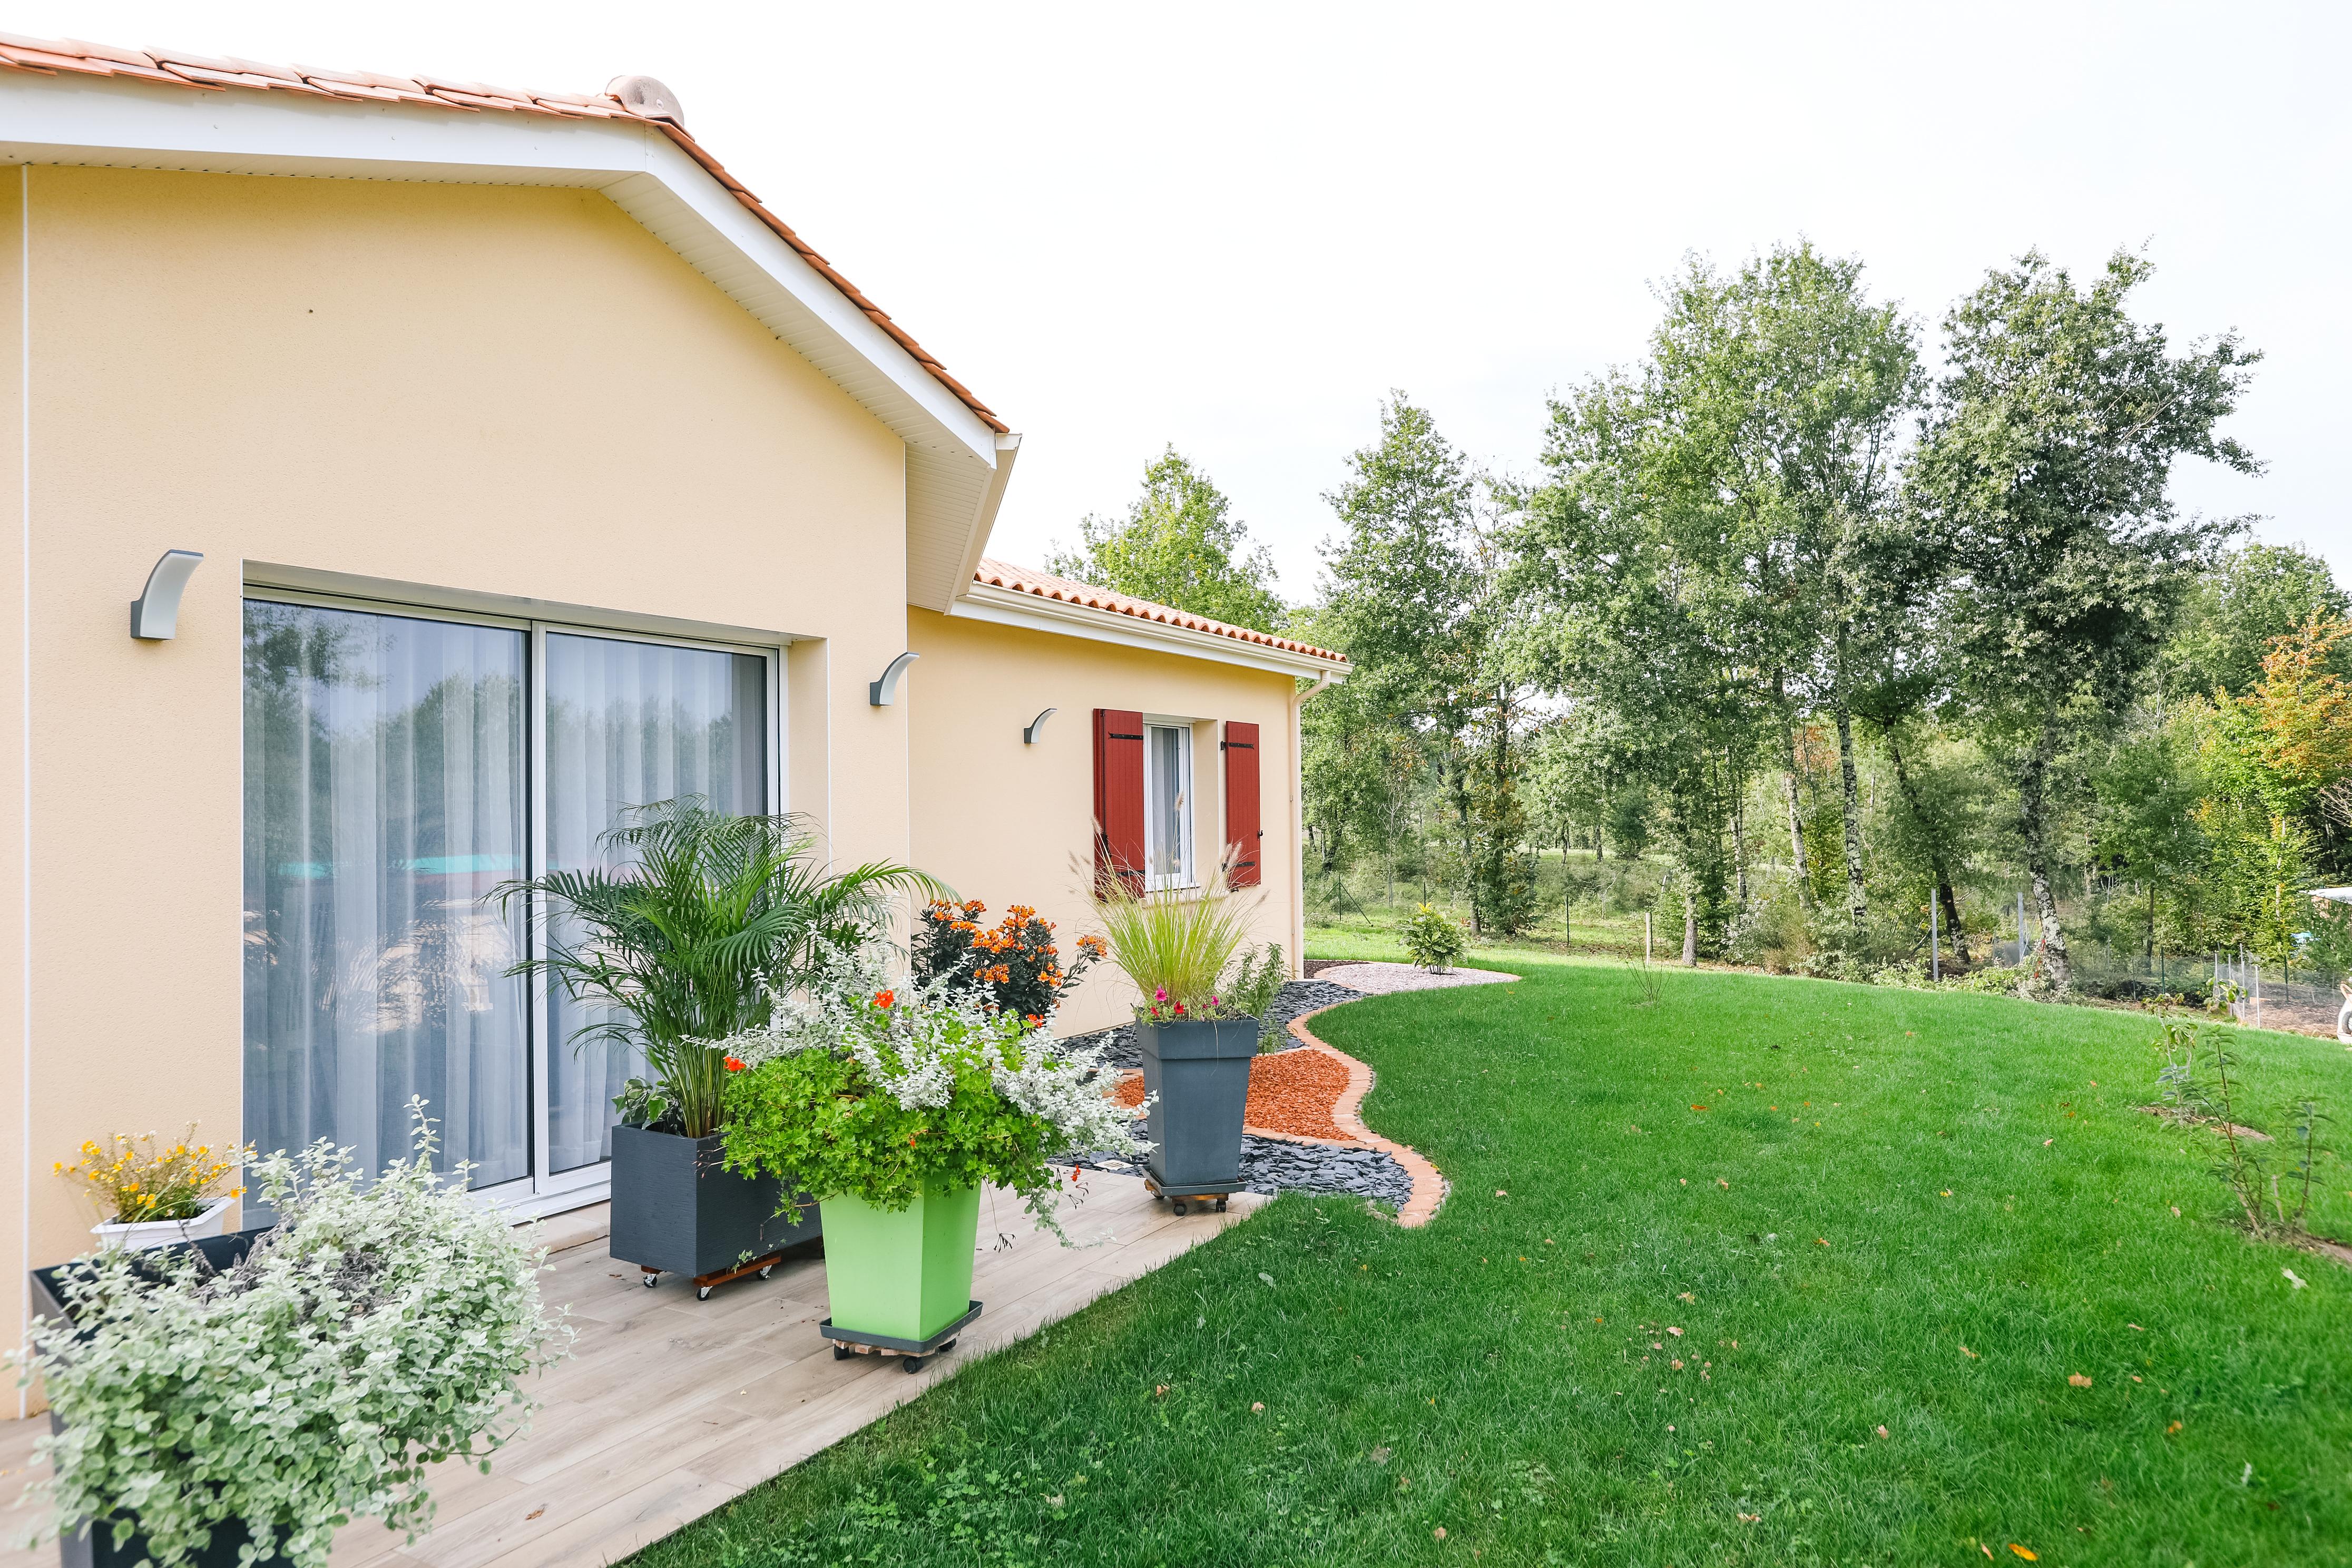 Vue de côté sur la terrasse fleurie avec vue sur le jardin